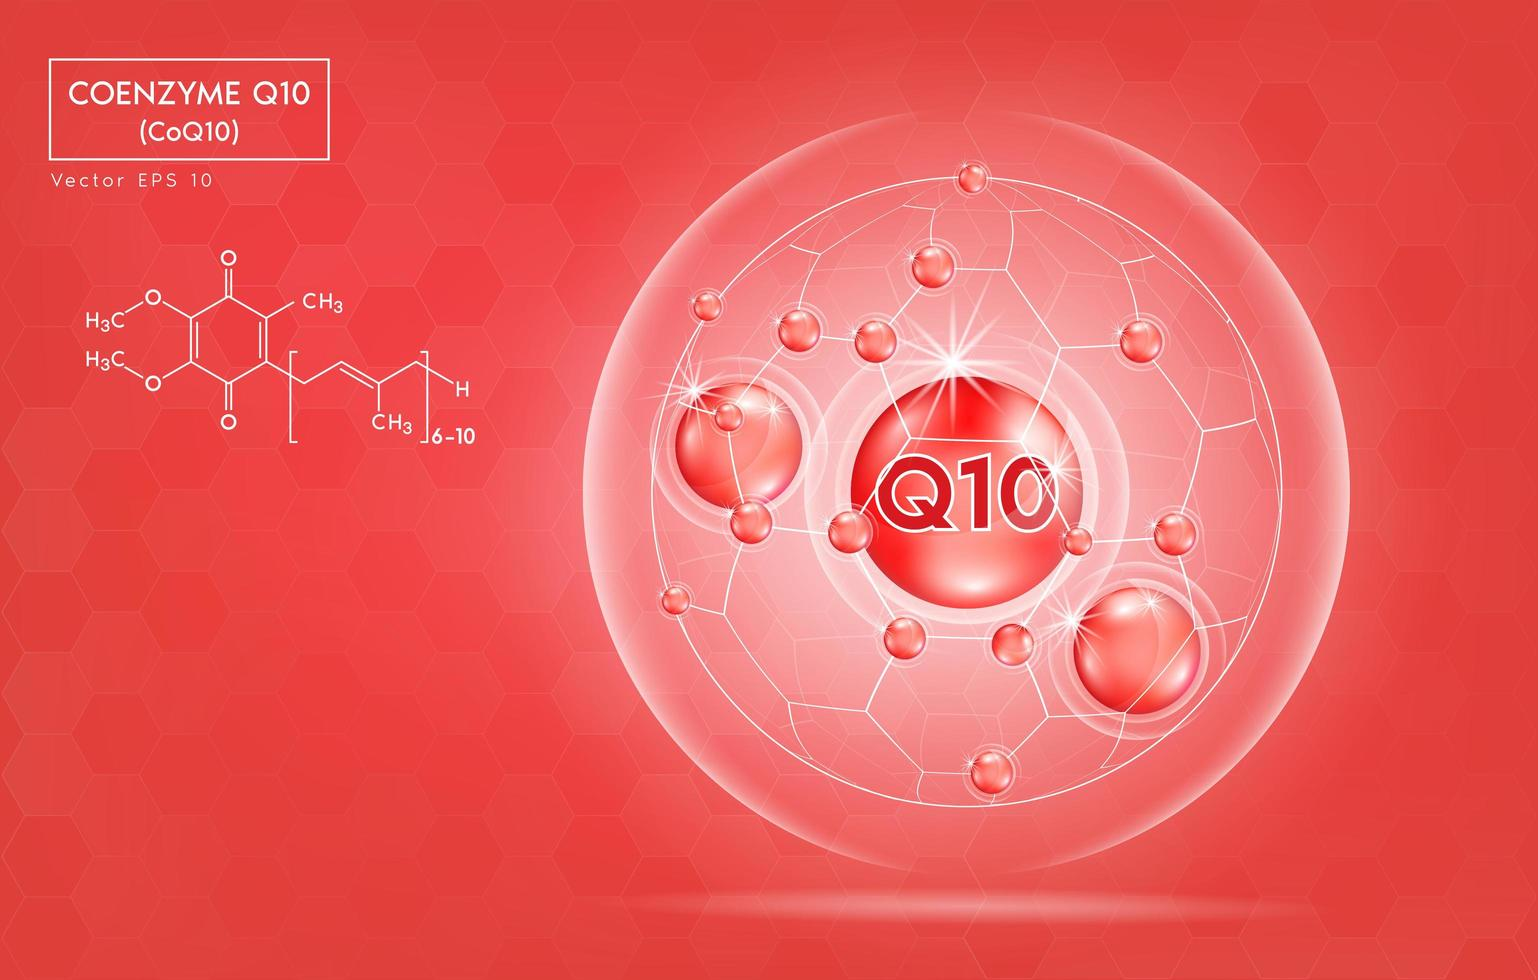 bannière de santé coenzyme q10 vecteur